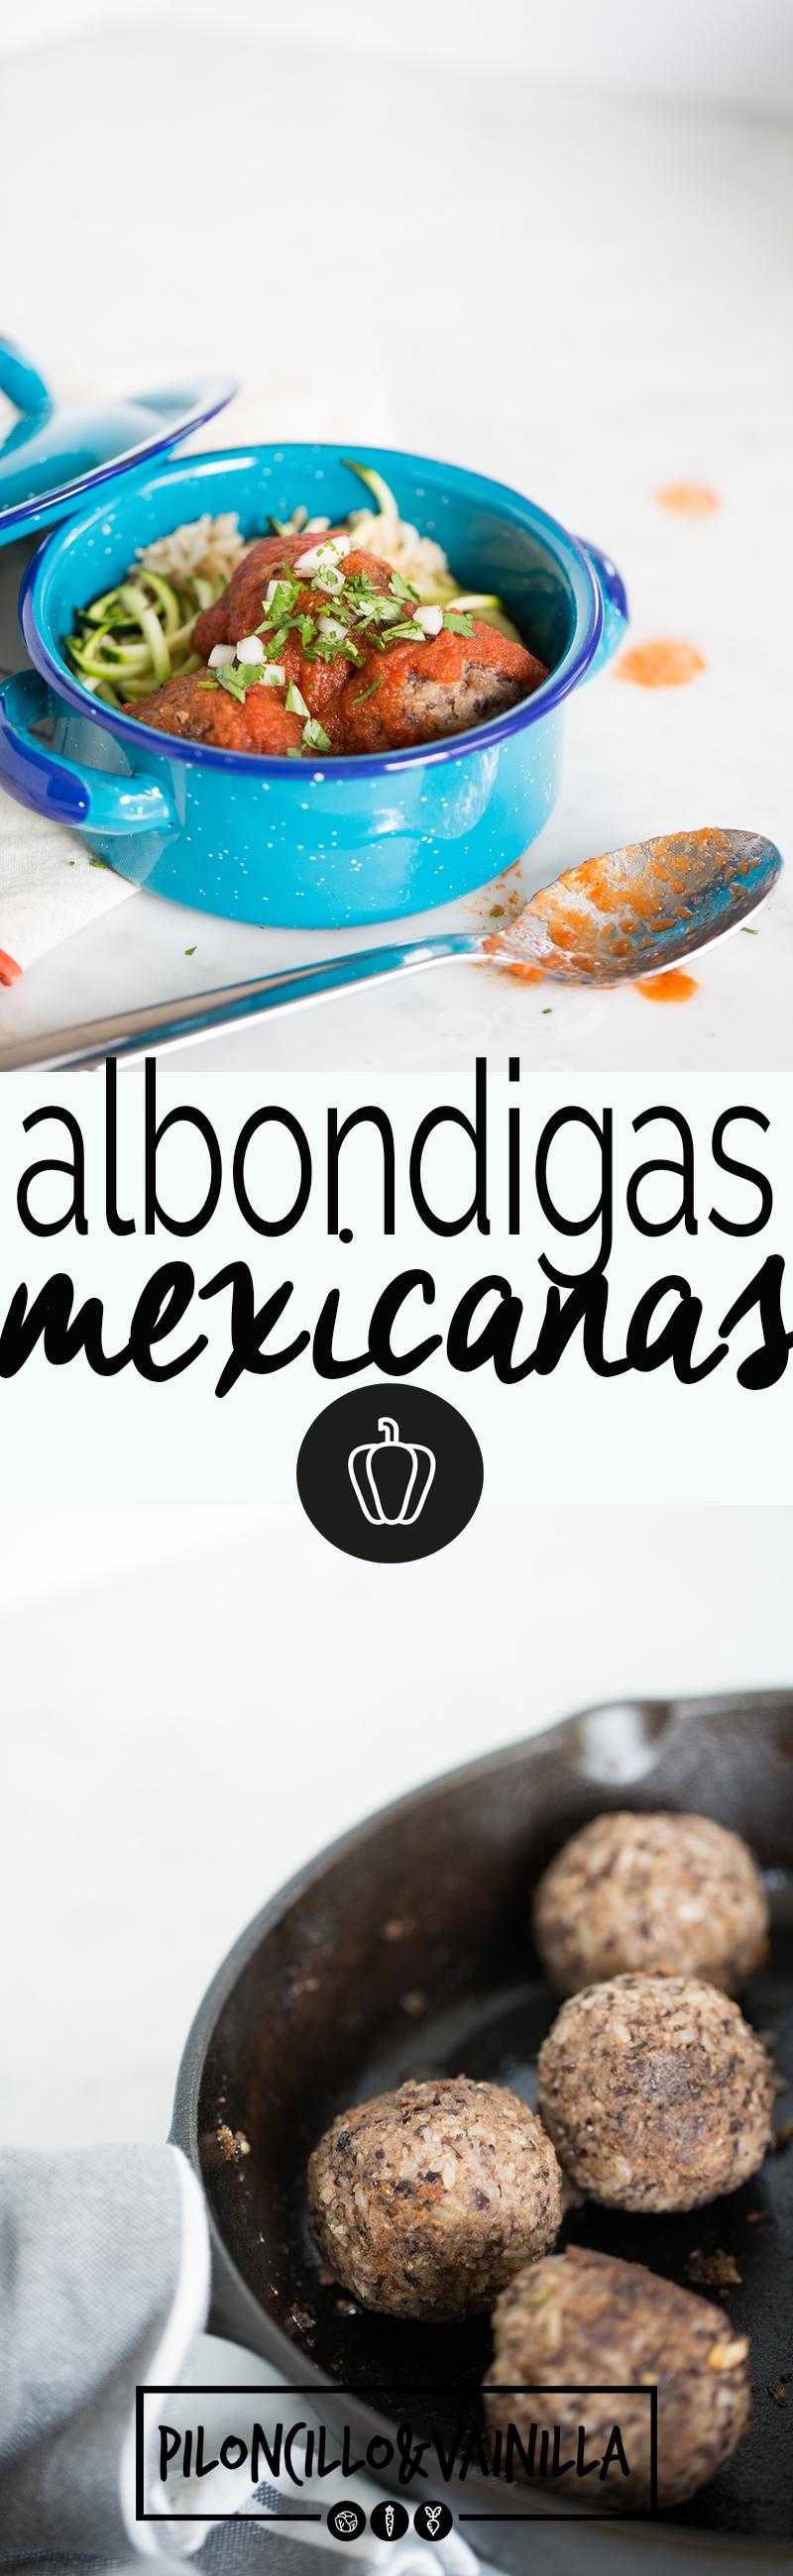 Esta receta de albóndigas mexicanas, sin carne, en salsa de tomate con chipotle es lo más rico, sano y delicioso del mundo. #vegana, #vegano, #recetavegetariana, #recetalight, #recetasaludable